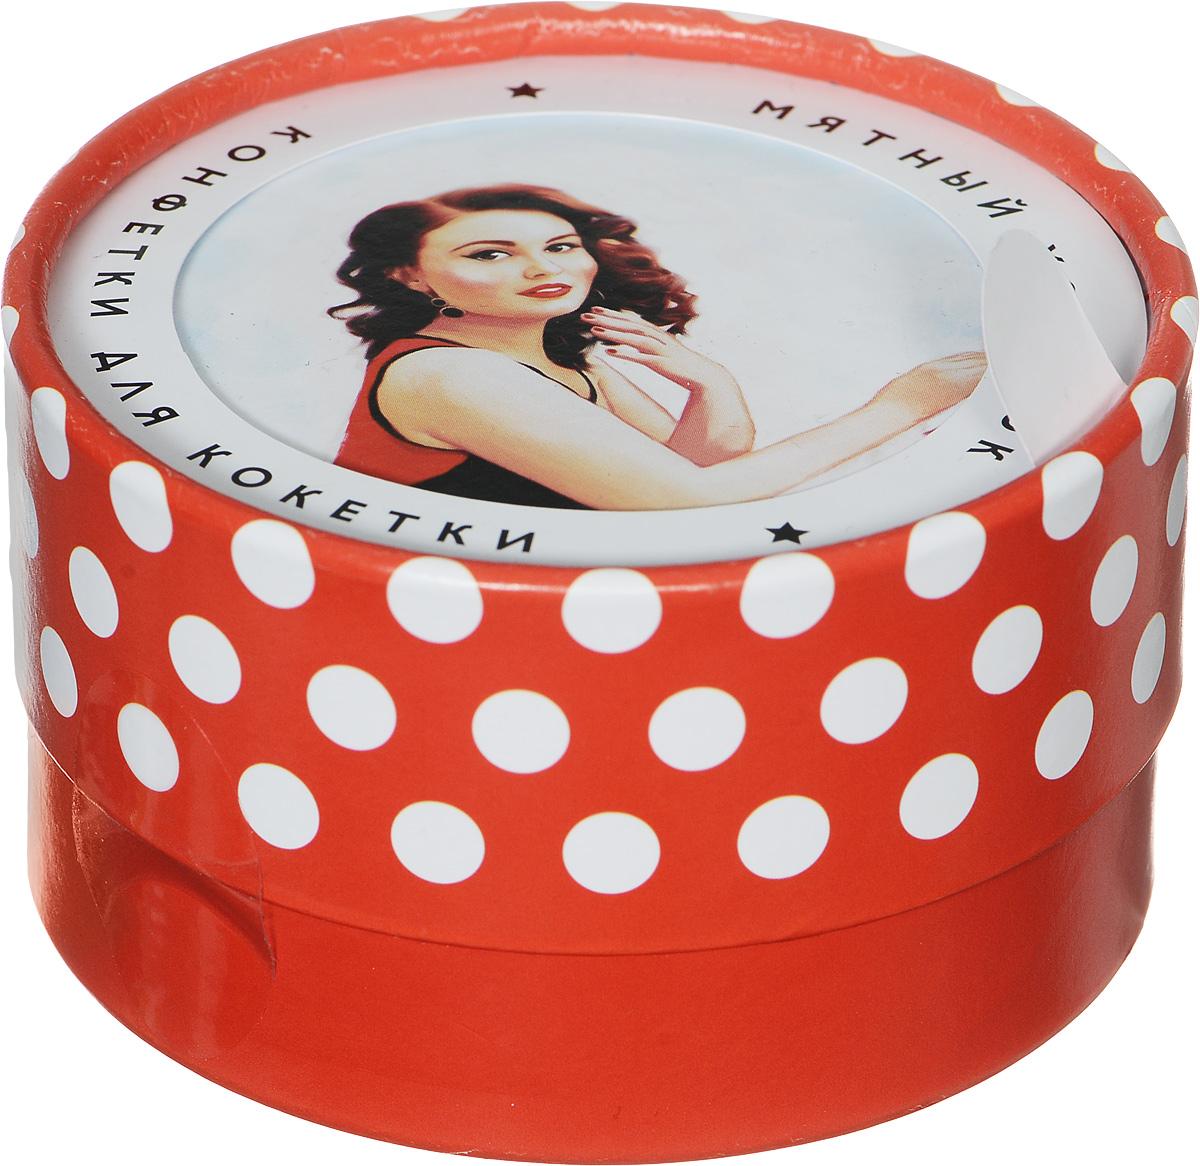 Вкусная помощь Для кокетки конфеты, 90 г4680016273078Стиль пин-ап понравится ярким, веселым и сексуальным красавицам. Красивая красная коробочка с принтом в белый горох вызывает желание использовать ее для хранения мелочей. Внутри коробочки - освежающее драже-холодок, которое не оставит равнодушной ни одну любительницу сладкого, а также приятное послание. Отличный подарок для модных девушек.